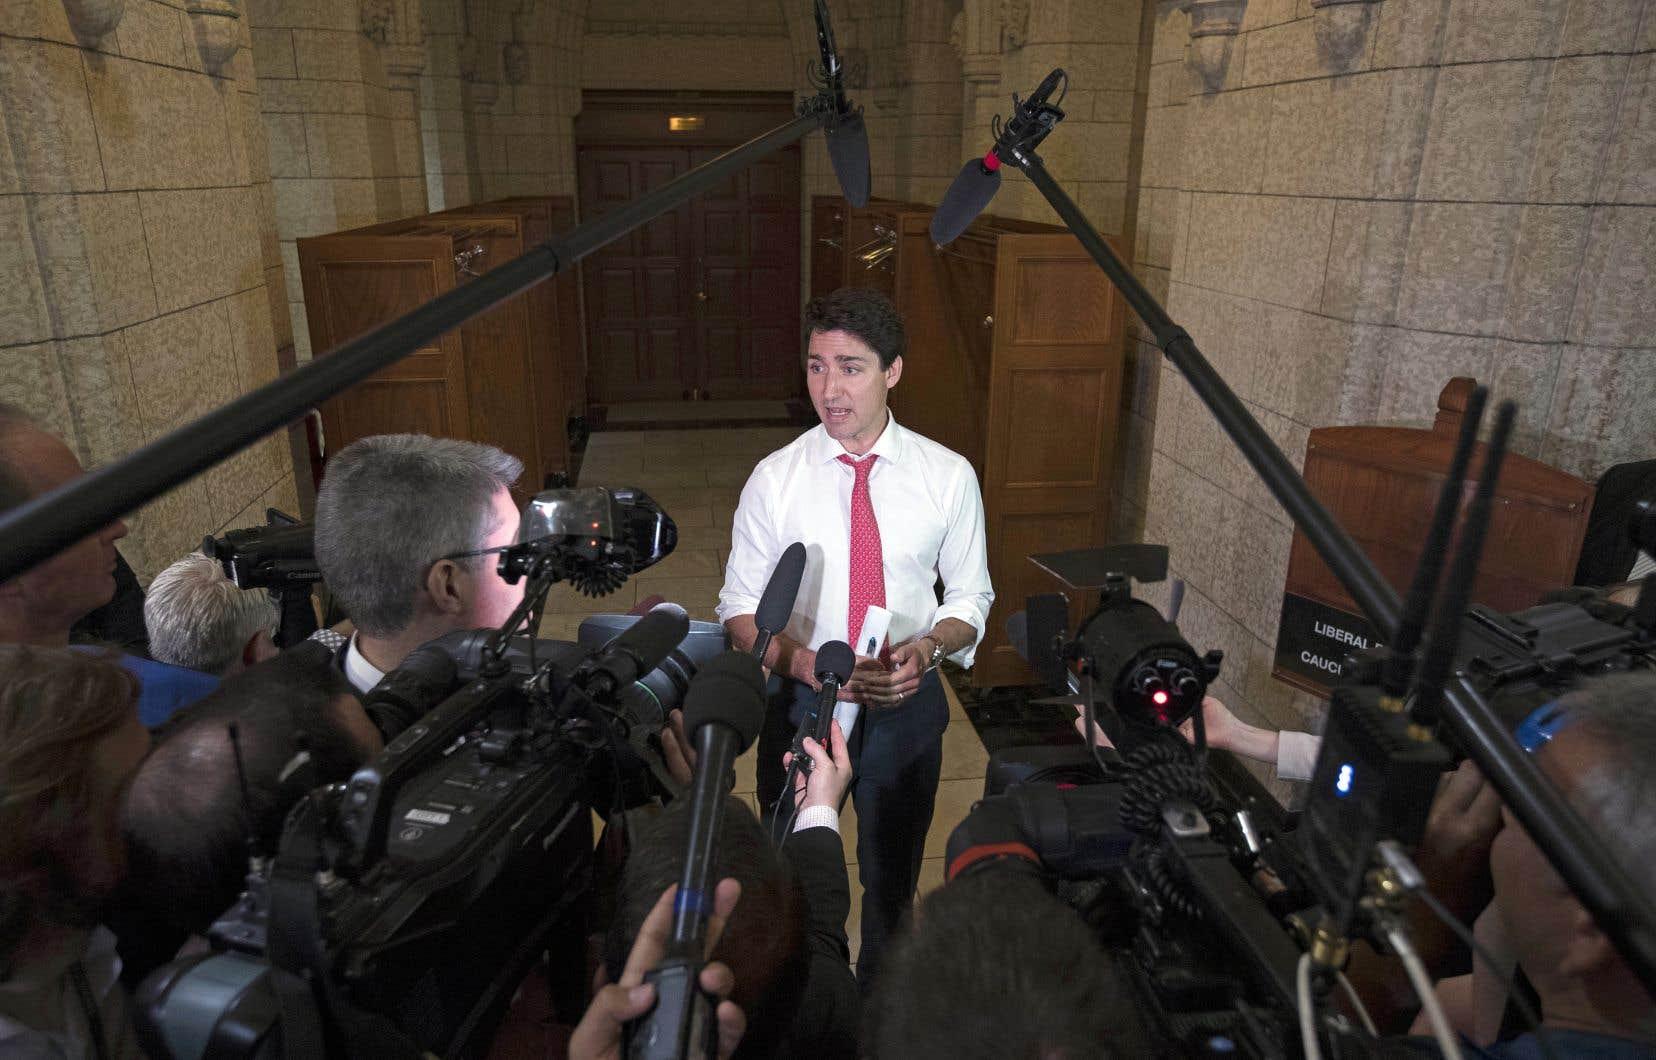 Après des échanges de mots durs entre le premier ministre, Justin Trudeau, et le président américain, Donald Trump, lors du sommet du G7 la semaine dernière, la menace d'une guerre commerciale avec les États-Unis plane.